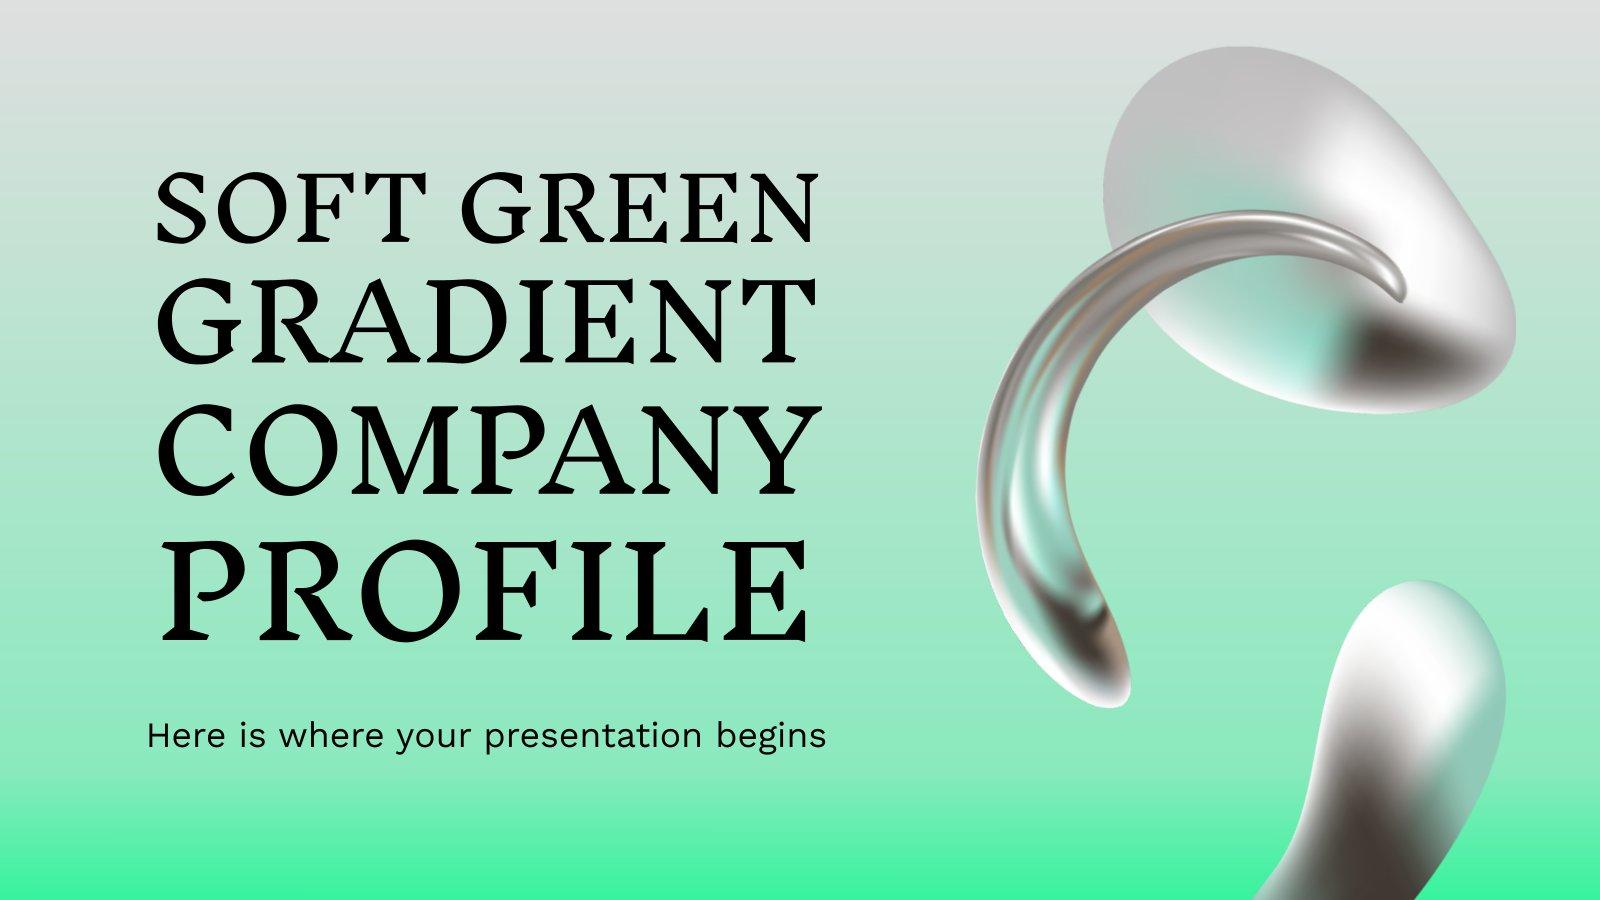 Modelo de apresentação Perfil da empresa com gradiente verde